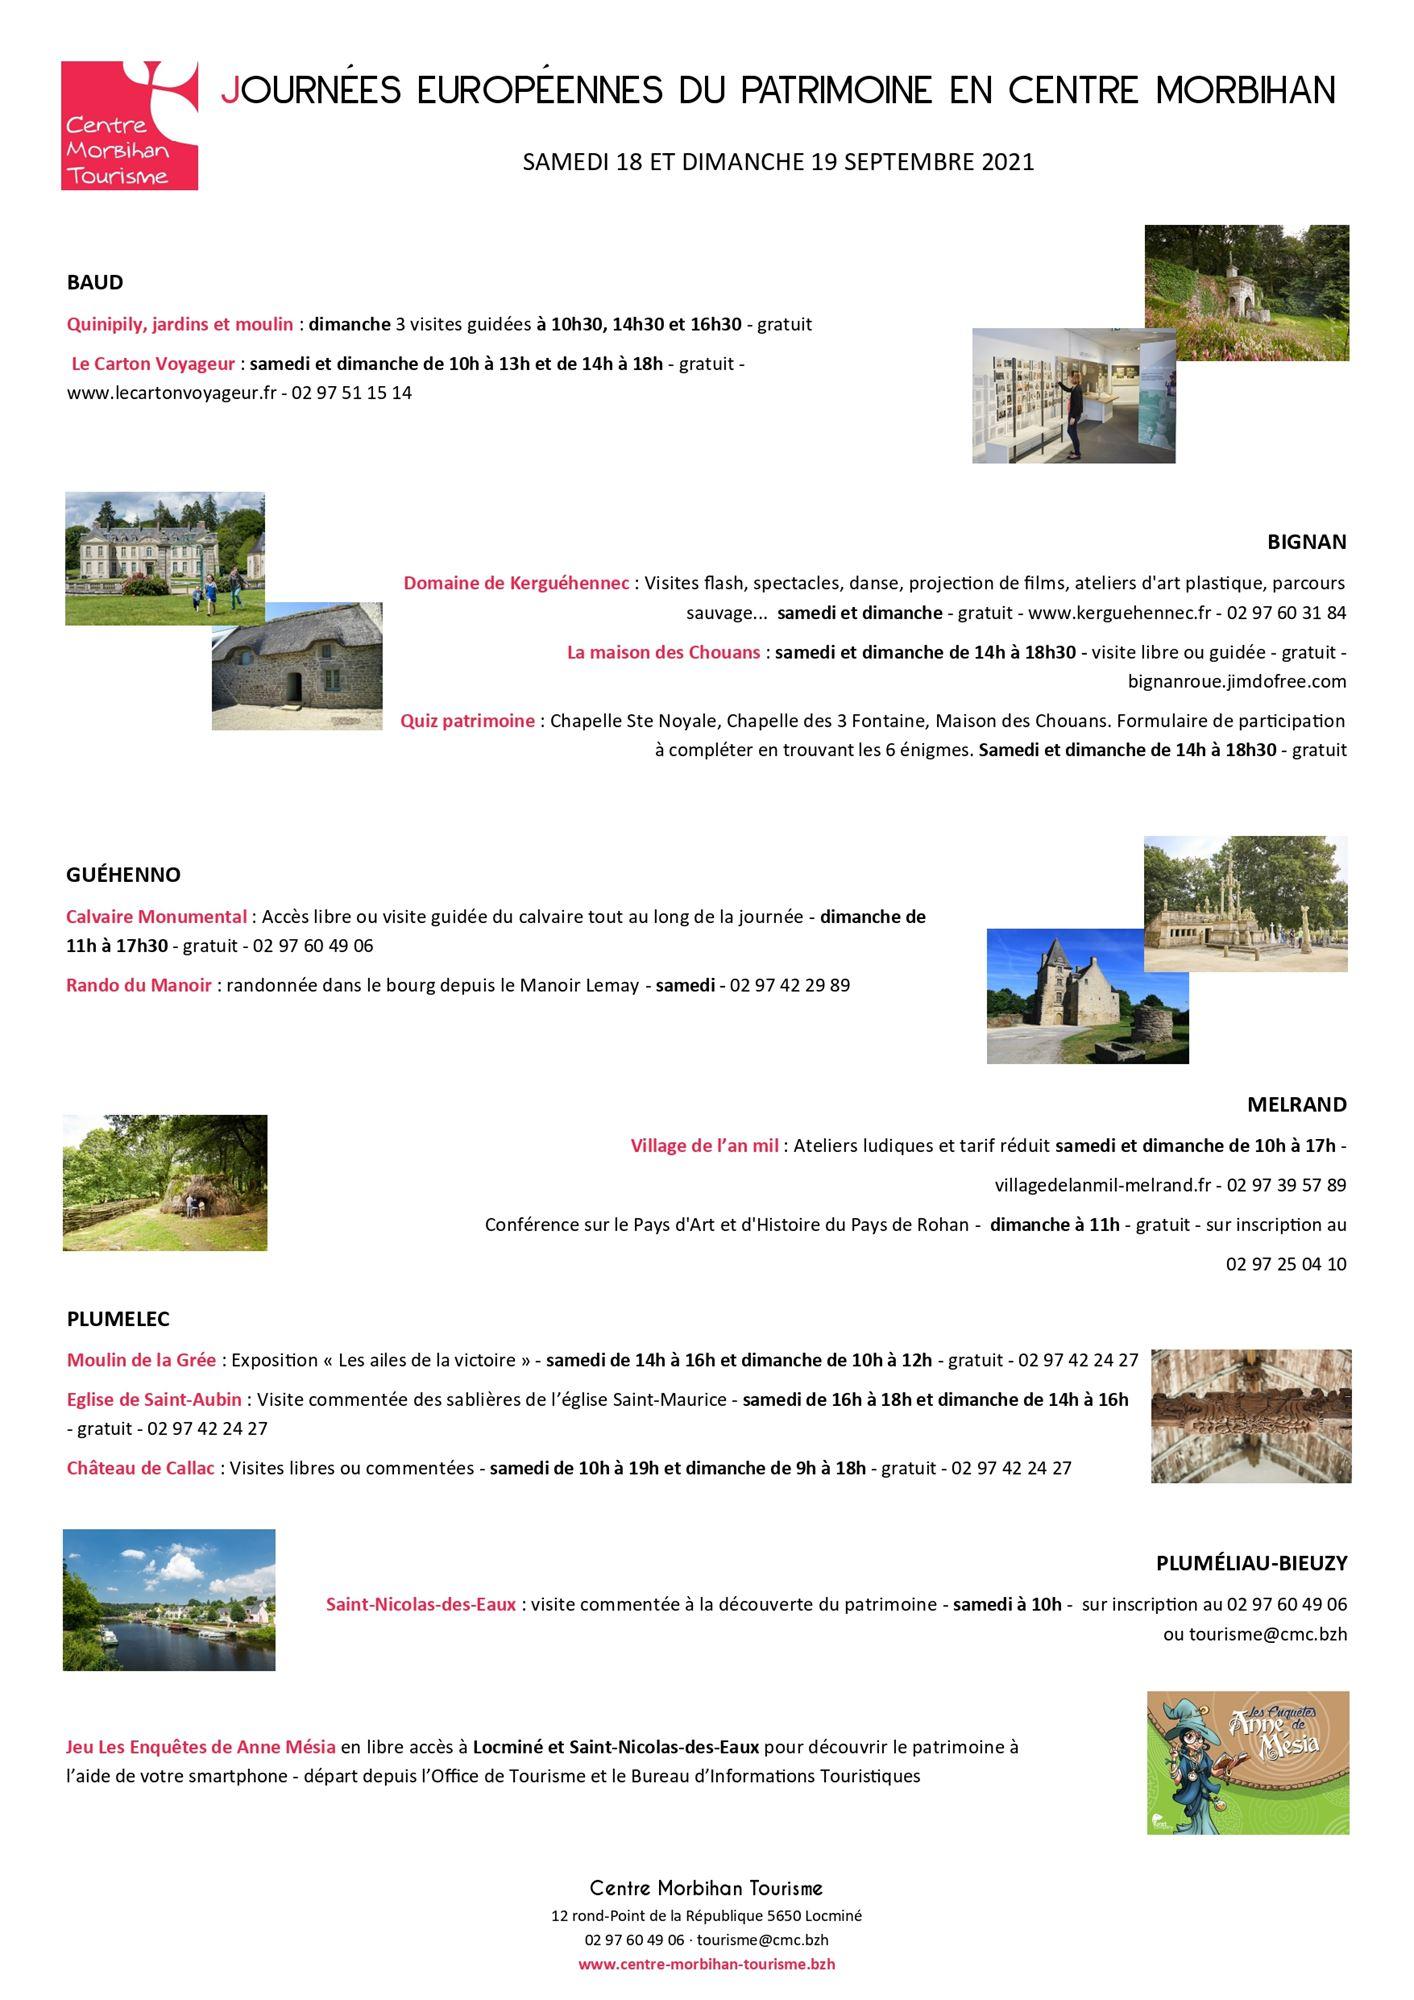 _copie-0_Affiche-JEP-Centre-Morbihan-2021_page-0001.jpg